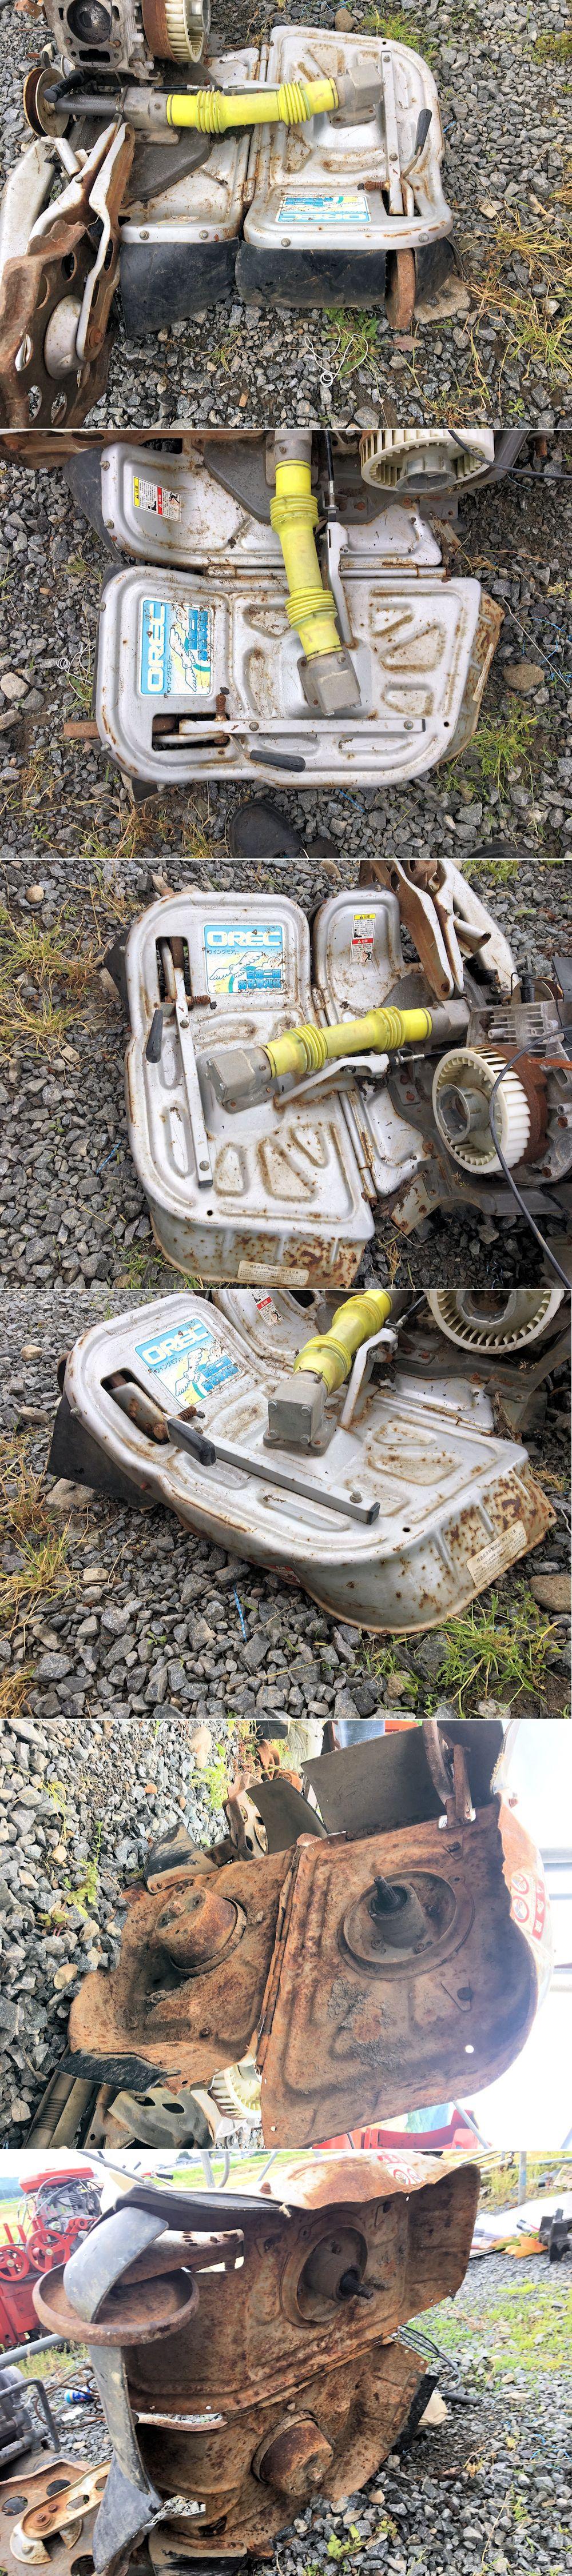 ウィングモア 草刈機 WM726 作業部カバー 状態良好 部品取り 中古